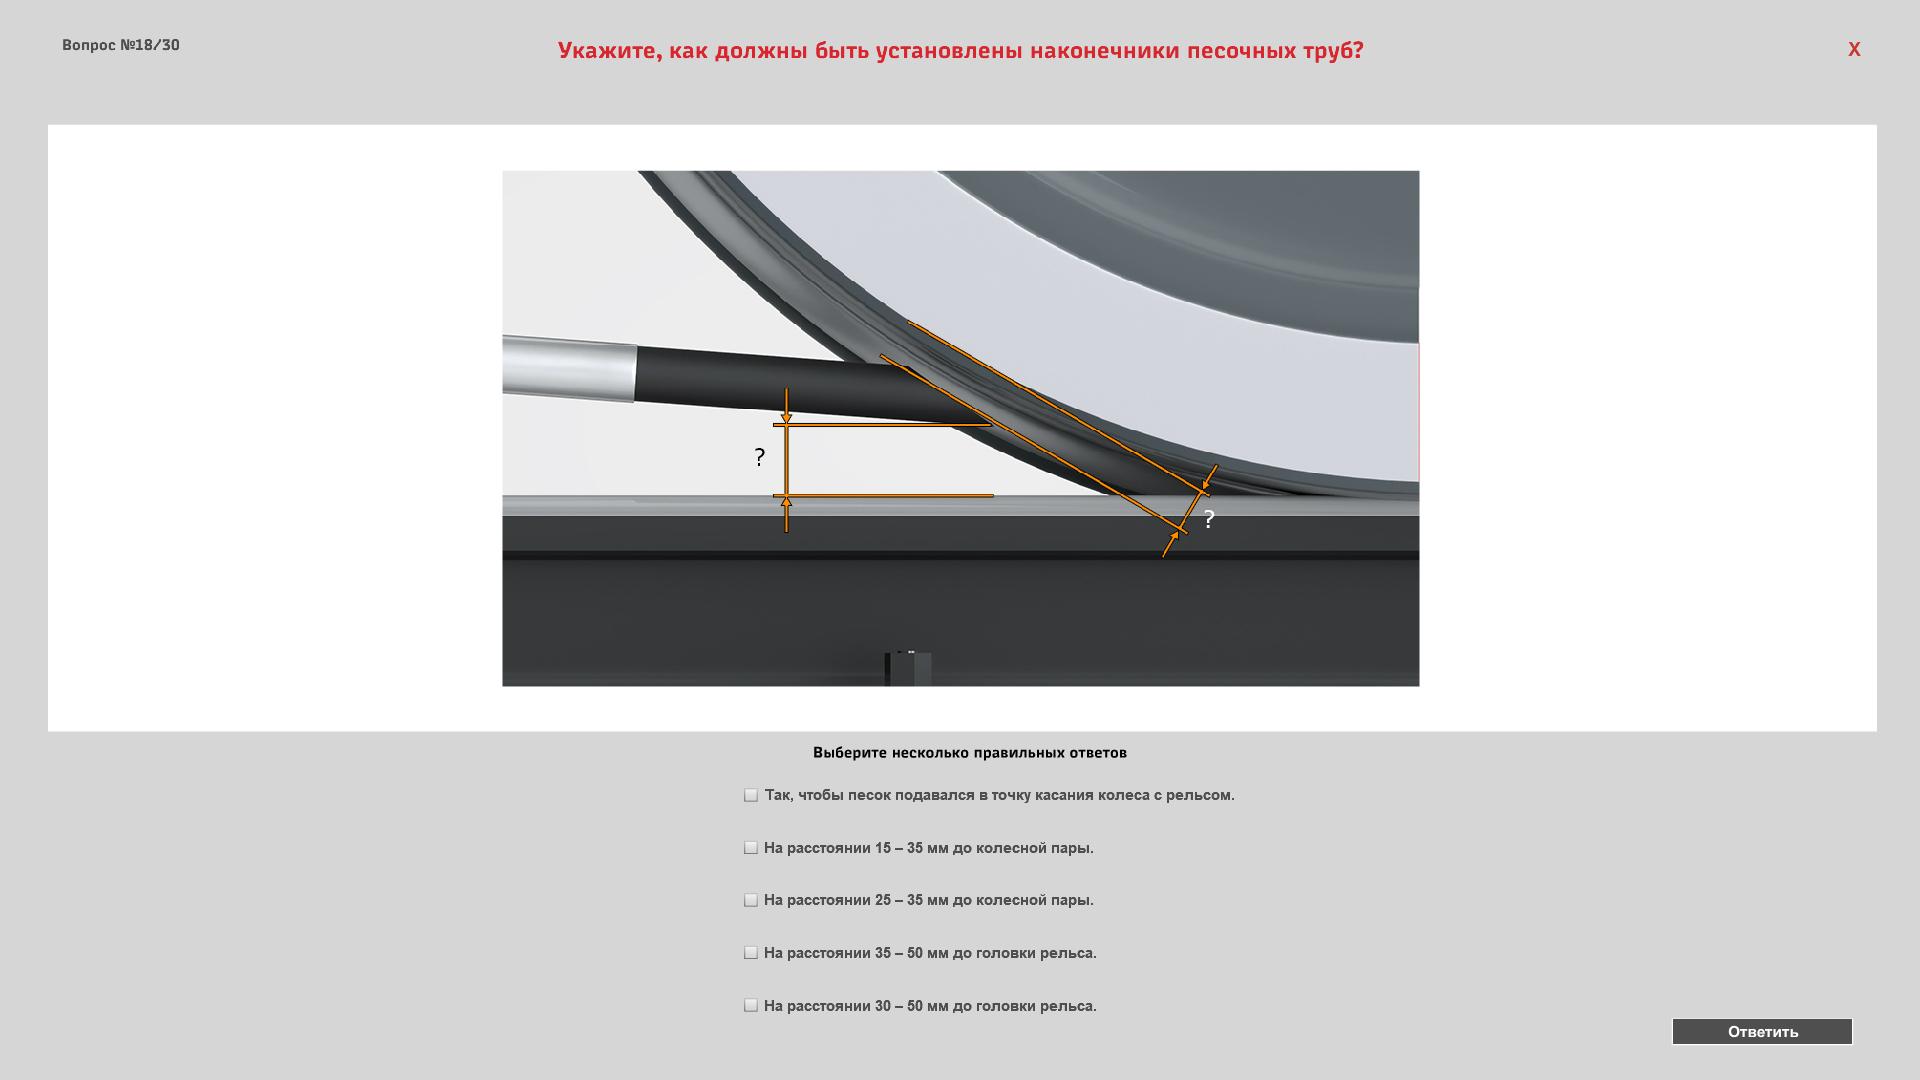 priemka test 01 Электронный учебный комплекс «Порядок сдачи и приёмки локомотивов локомотивными бригадами»